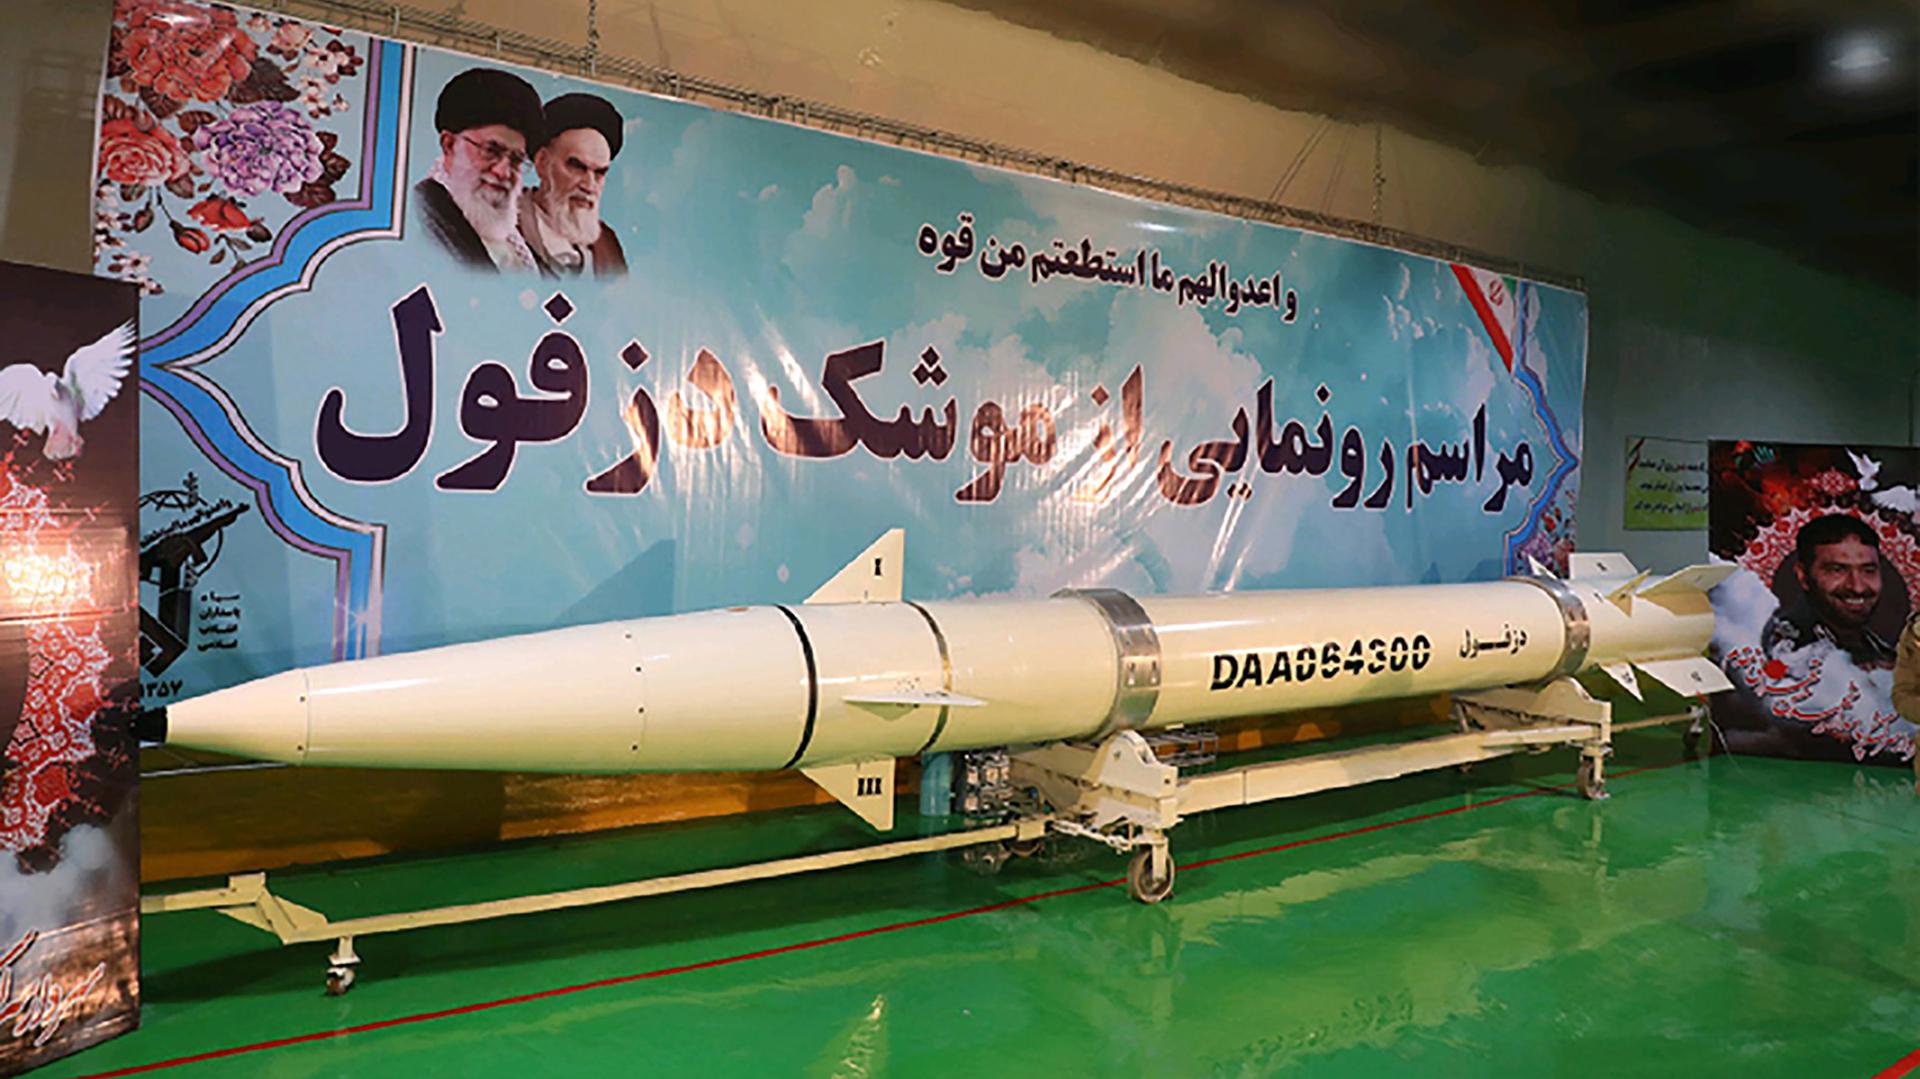 El último misil presentado por el régimen iraní, algo que forma parte del repertorio habitual del régimen (AFP)